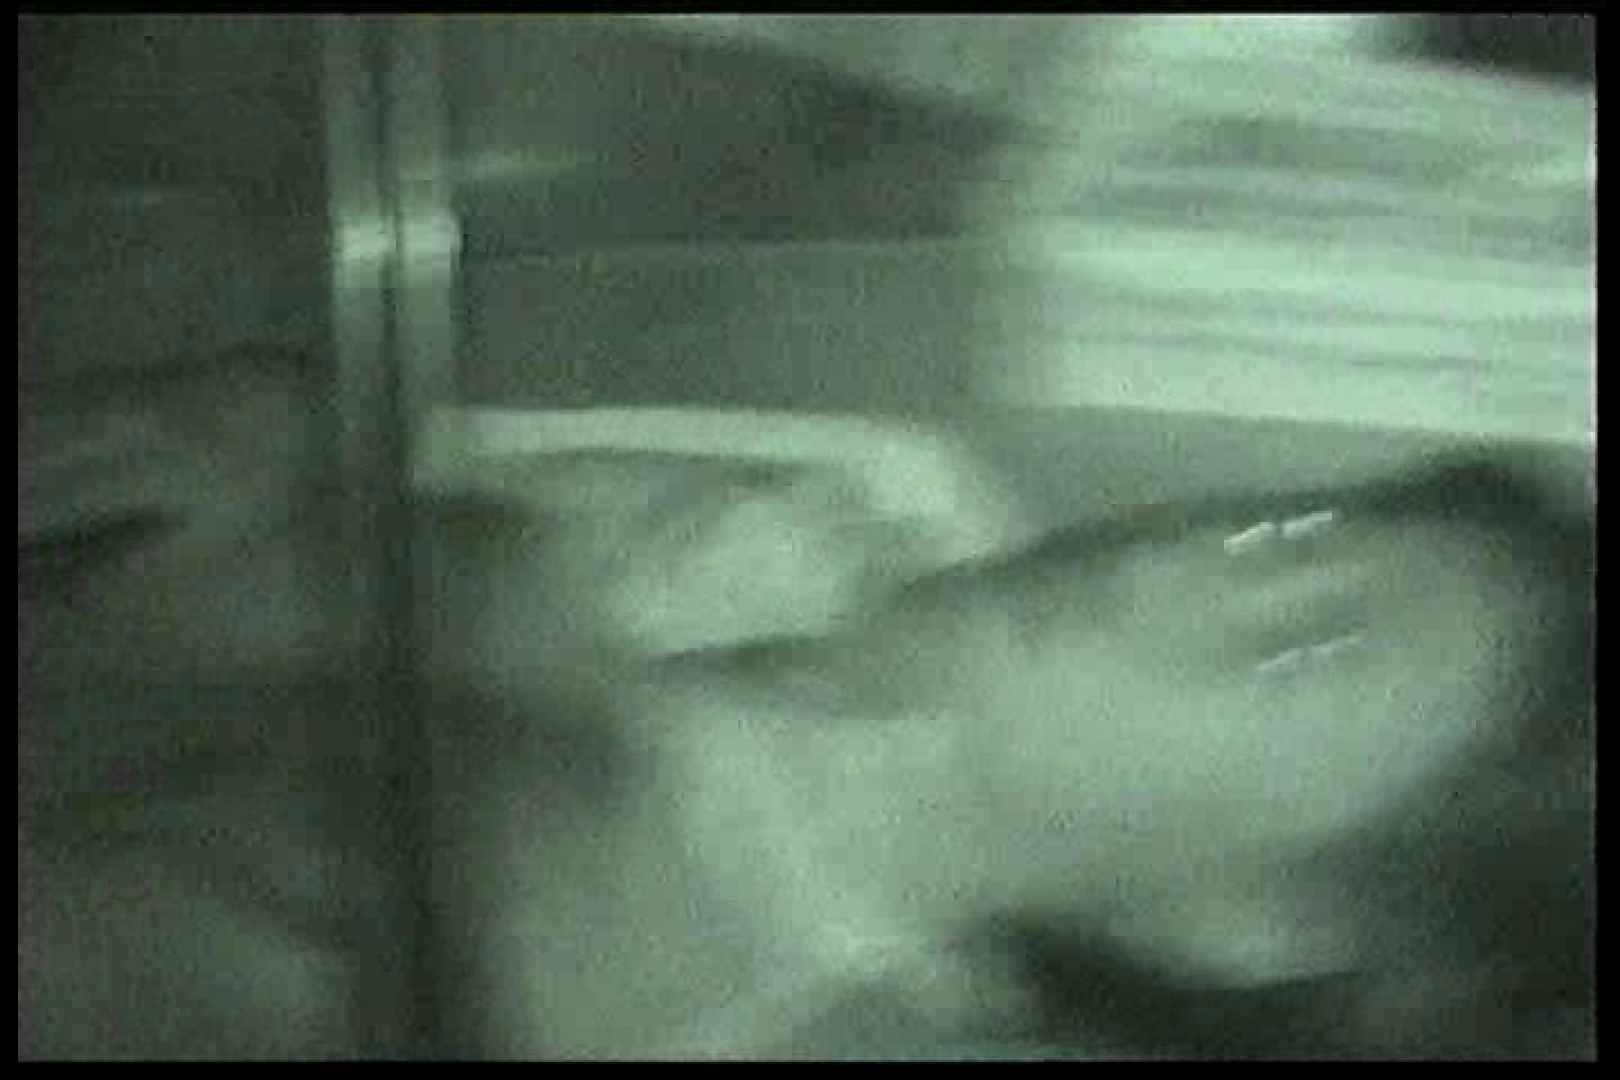 車の中はラブホテル 無修正版  Vol.13 赤外線 おめこ無修正動画無料 64画像 12